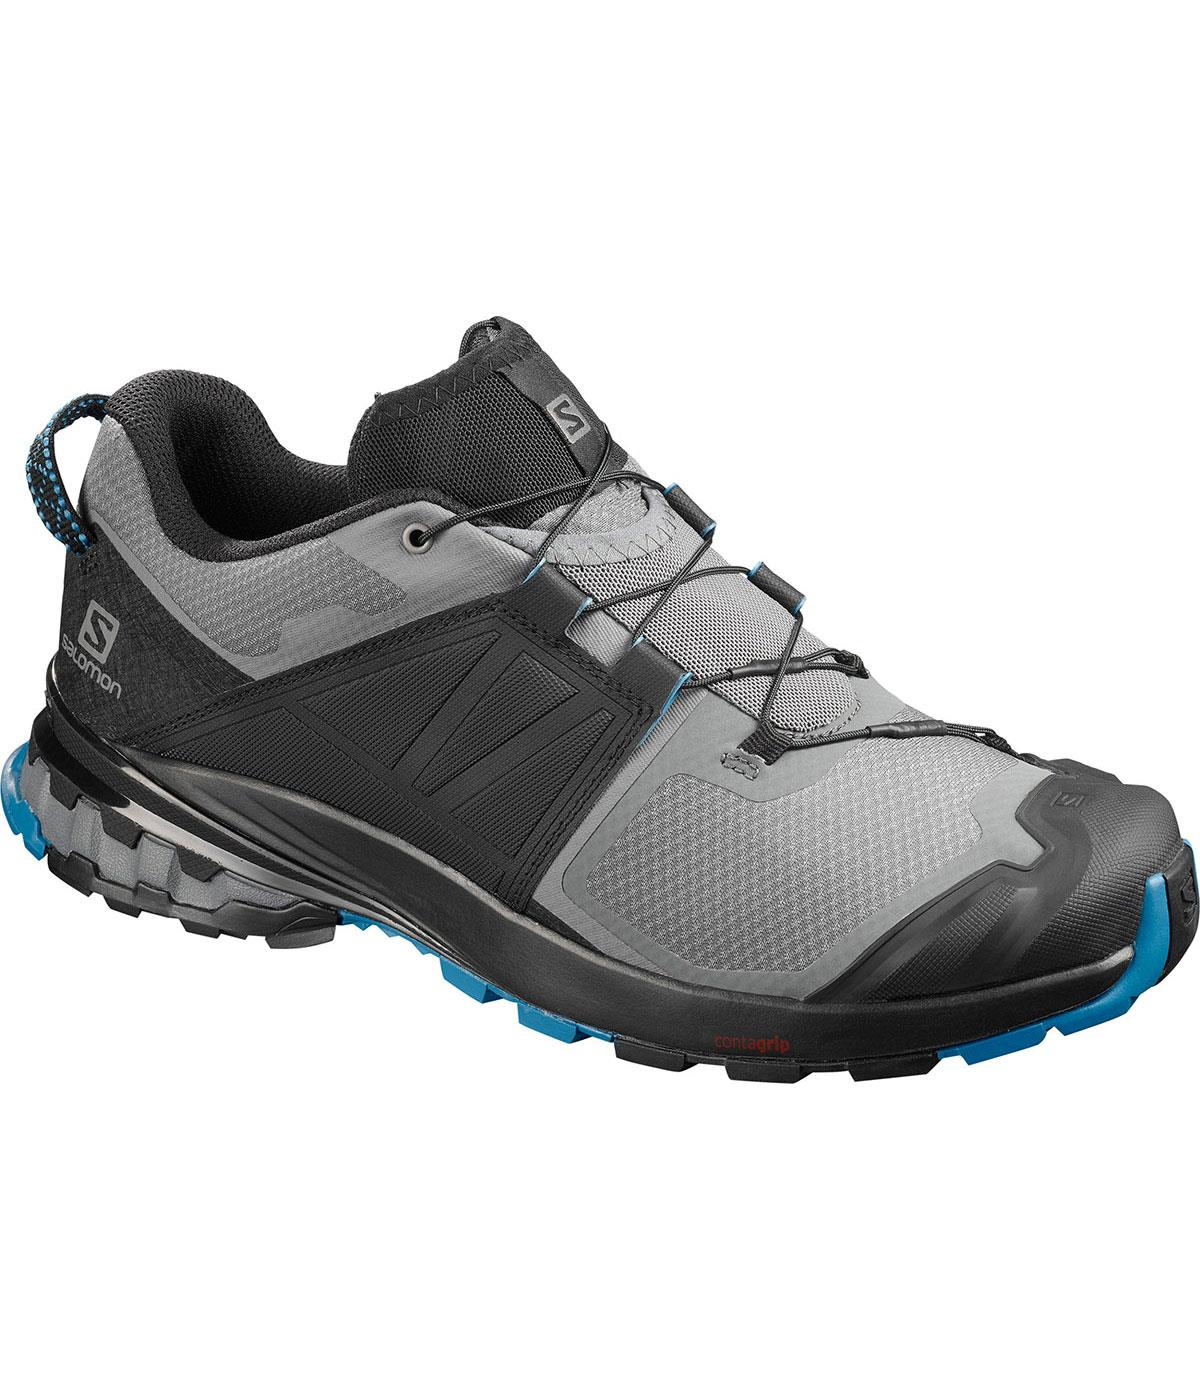 Salomon XA WILD Erkek Ayakkabısı L40978800